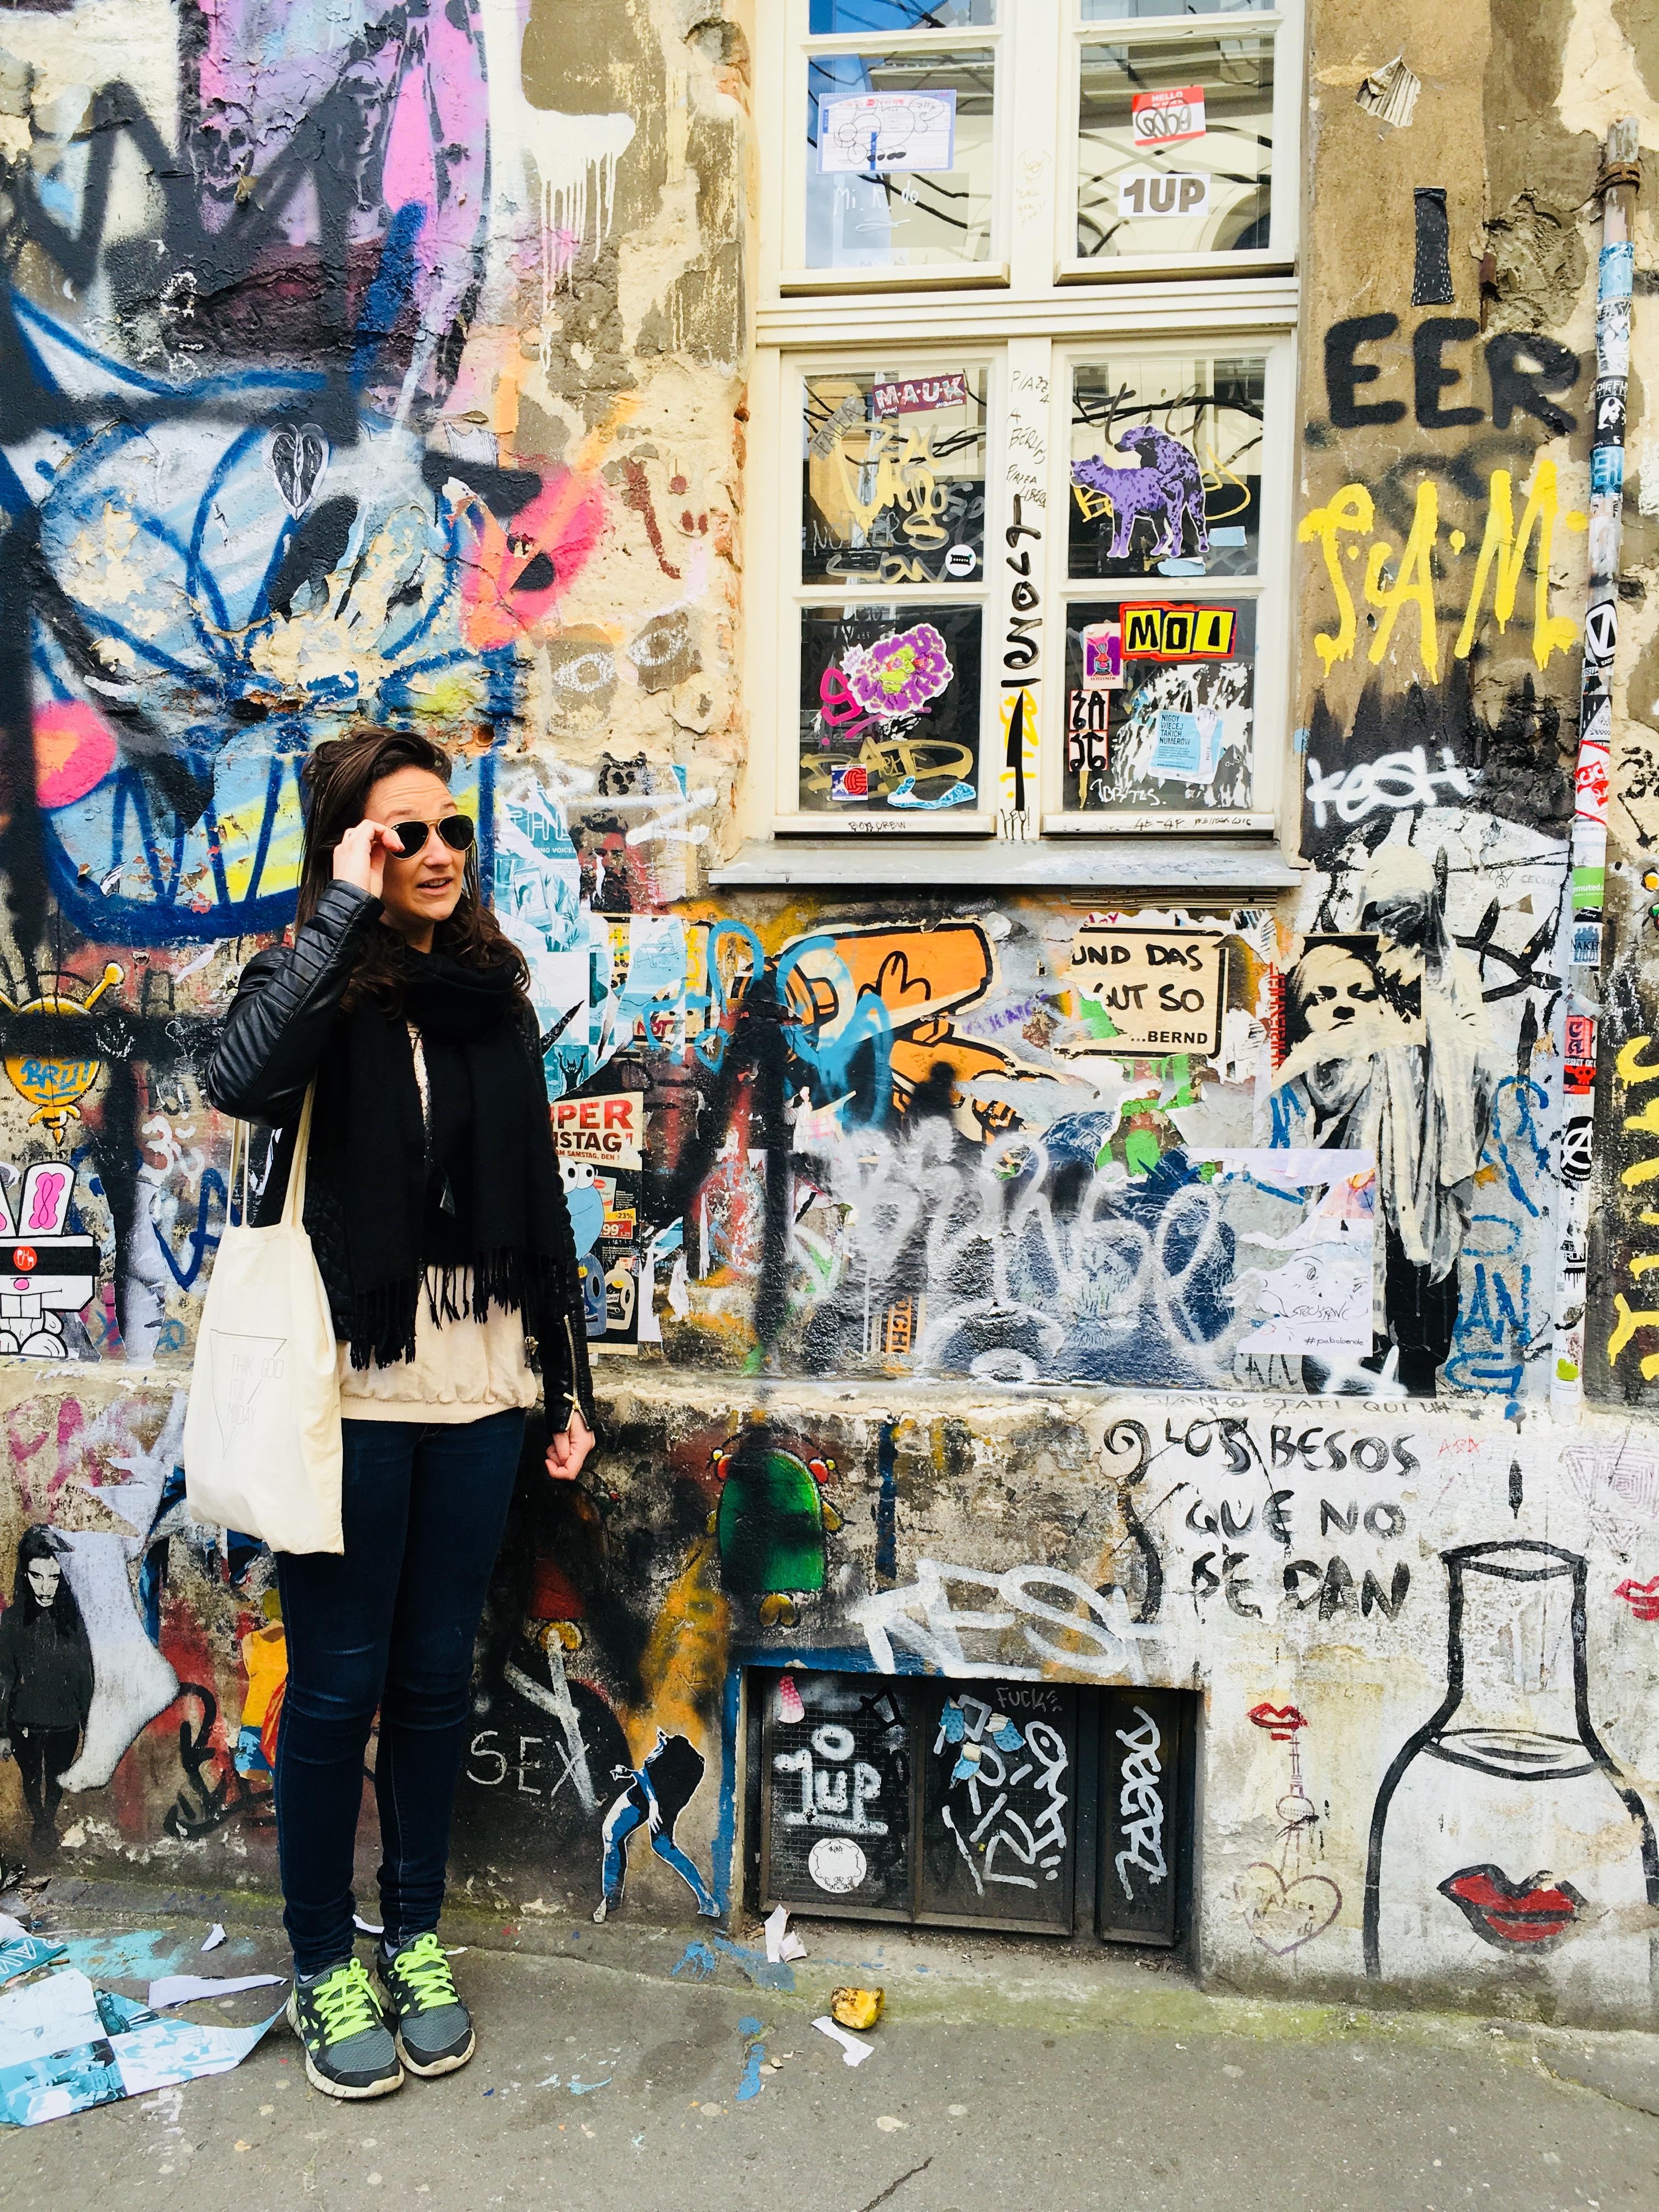 Op de 'alternatieve' toer in Berlijn